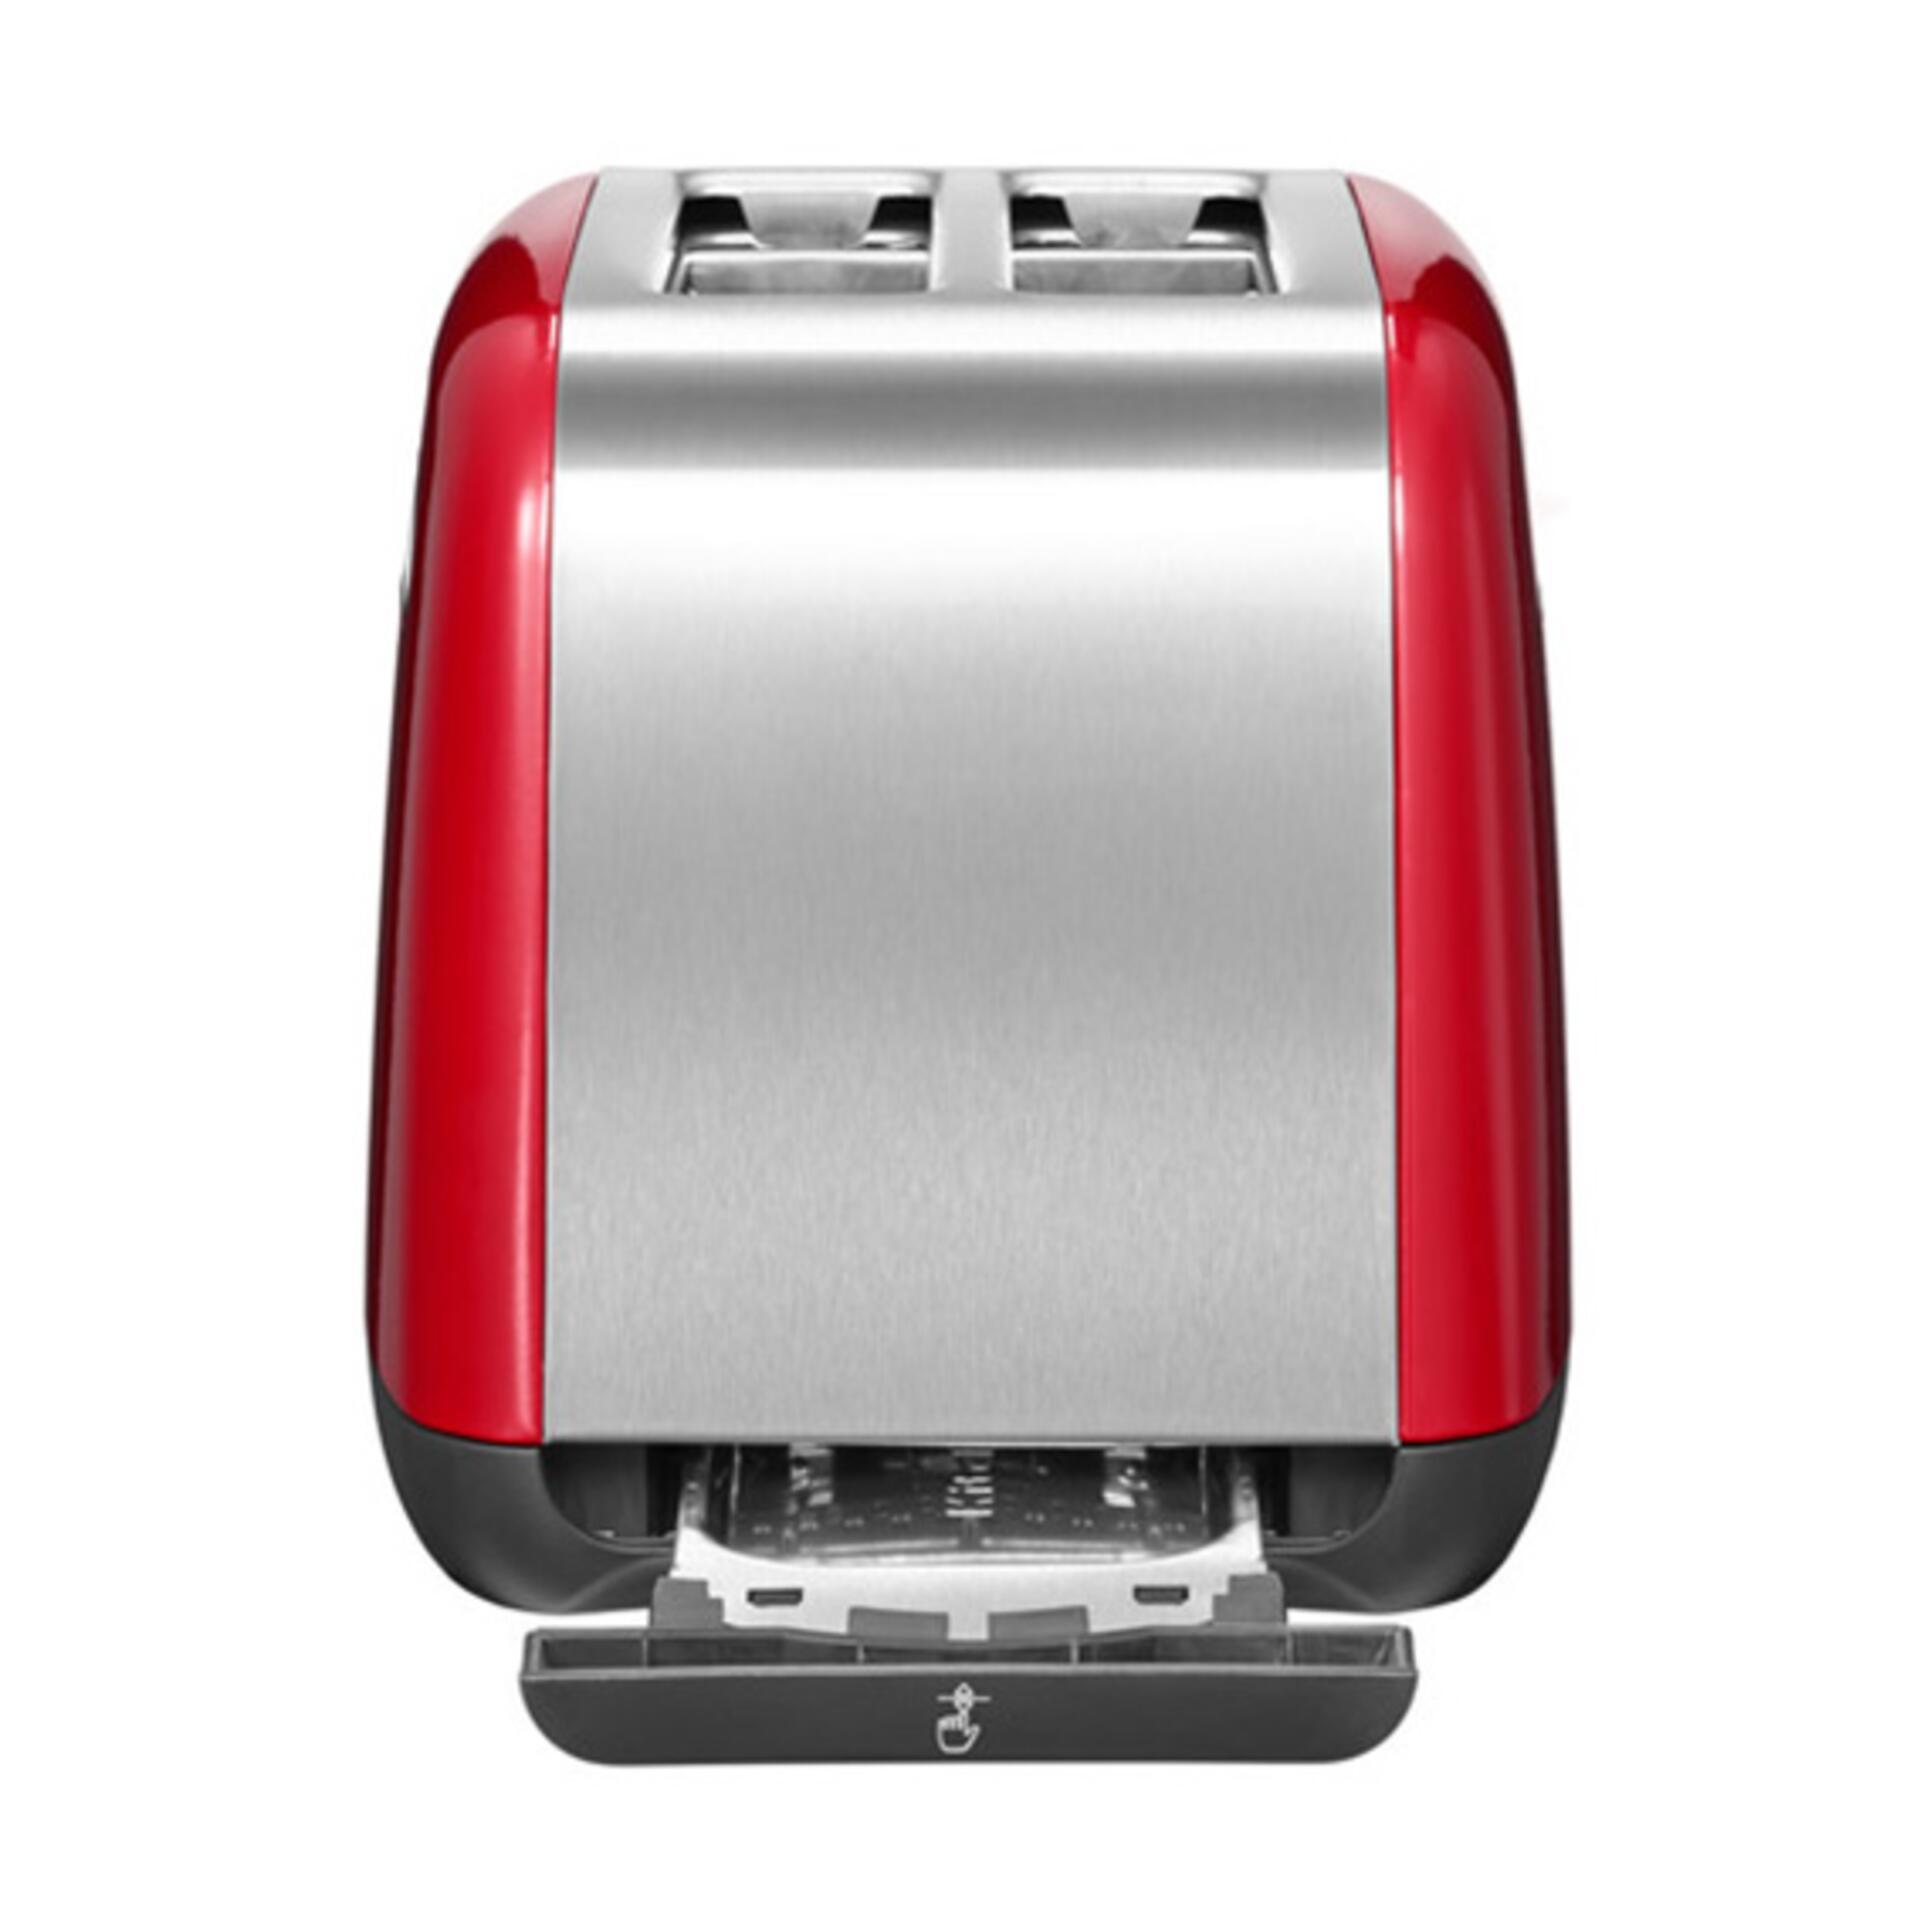 KitchenAid Toaster Schwarz 5KMT221EOB